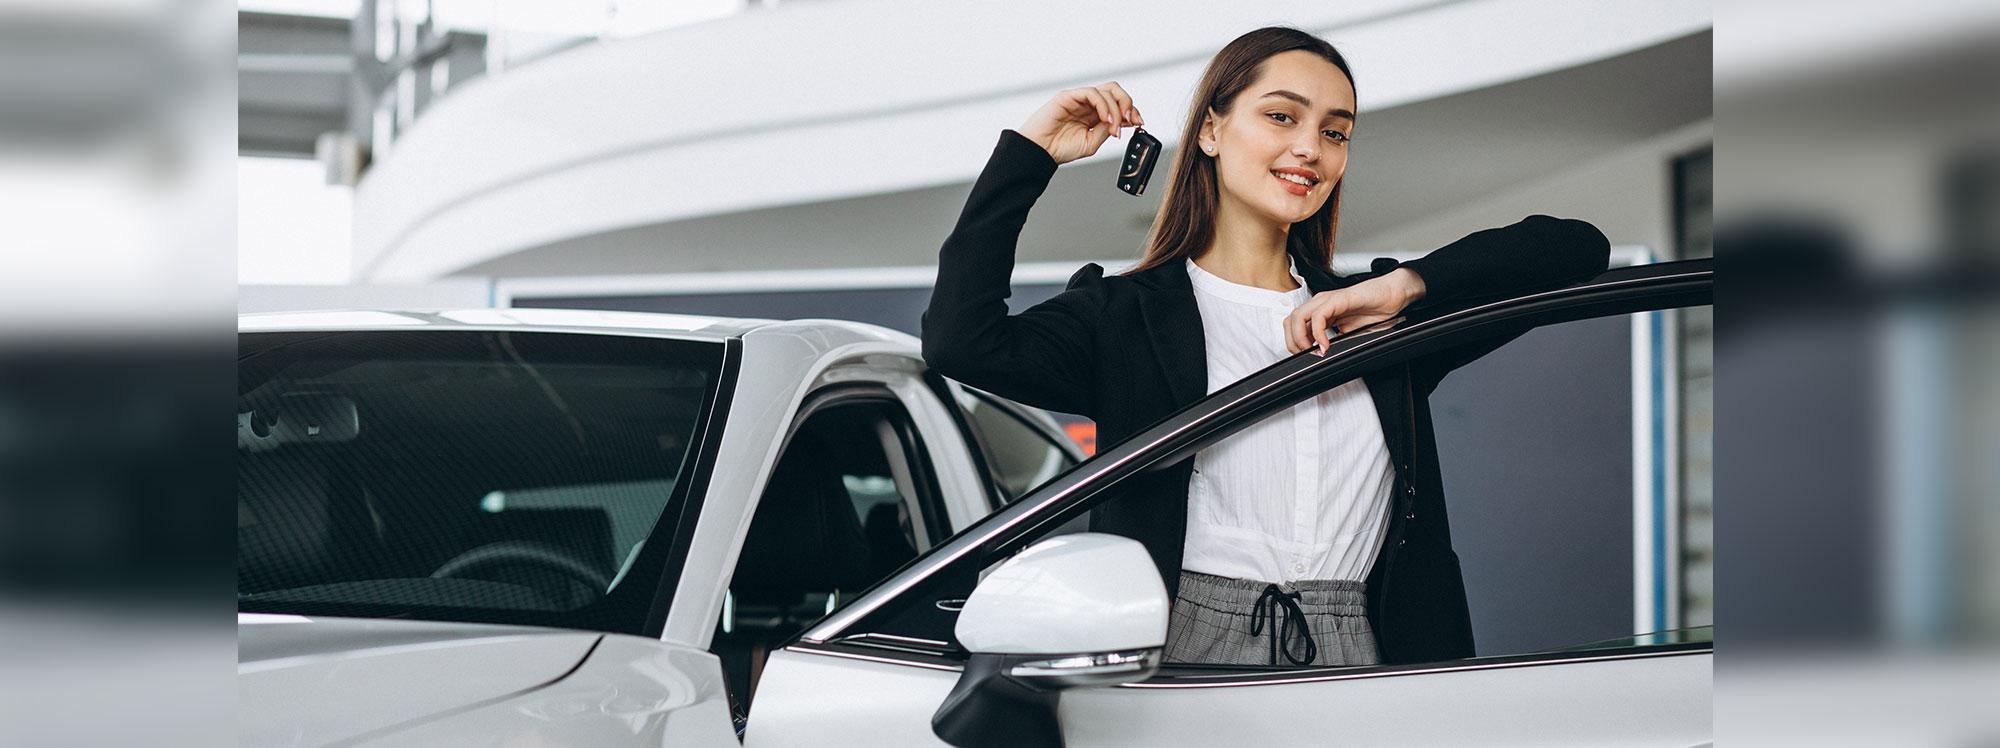 Lo que debes saber antes de comprar tu primer automóvil